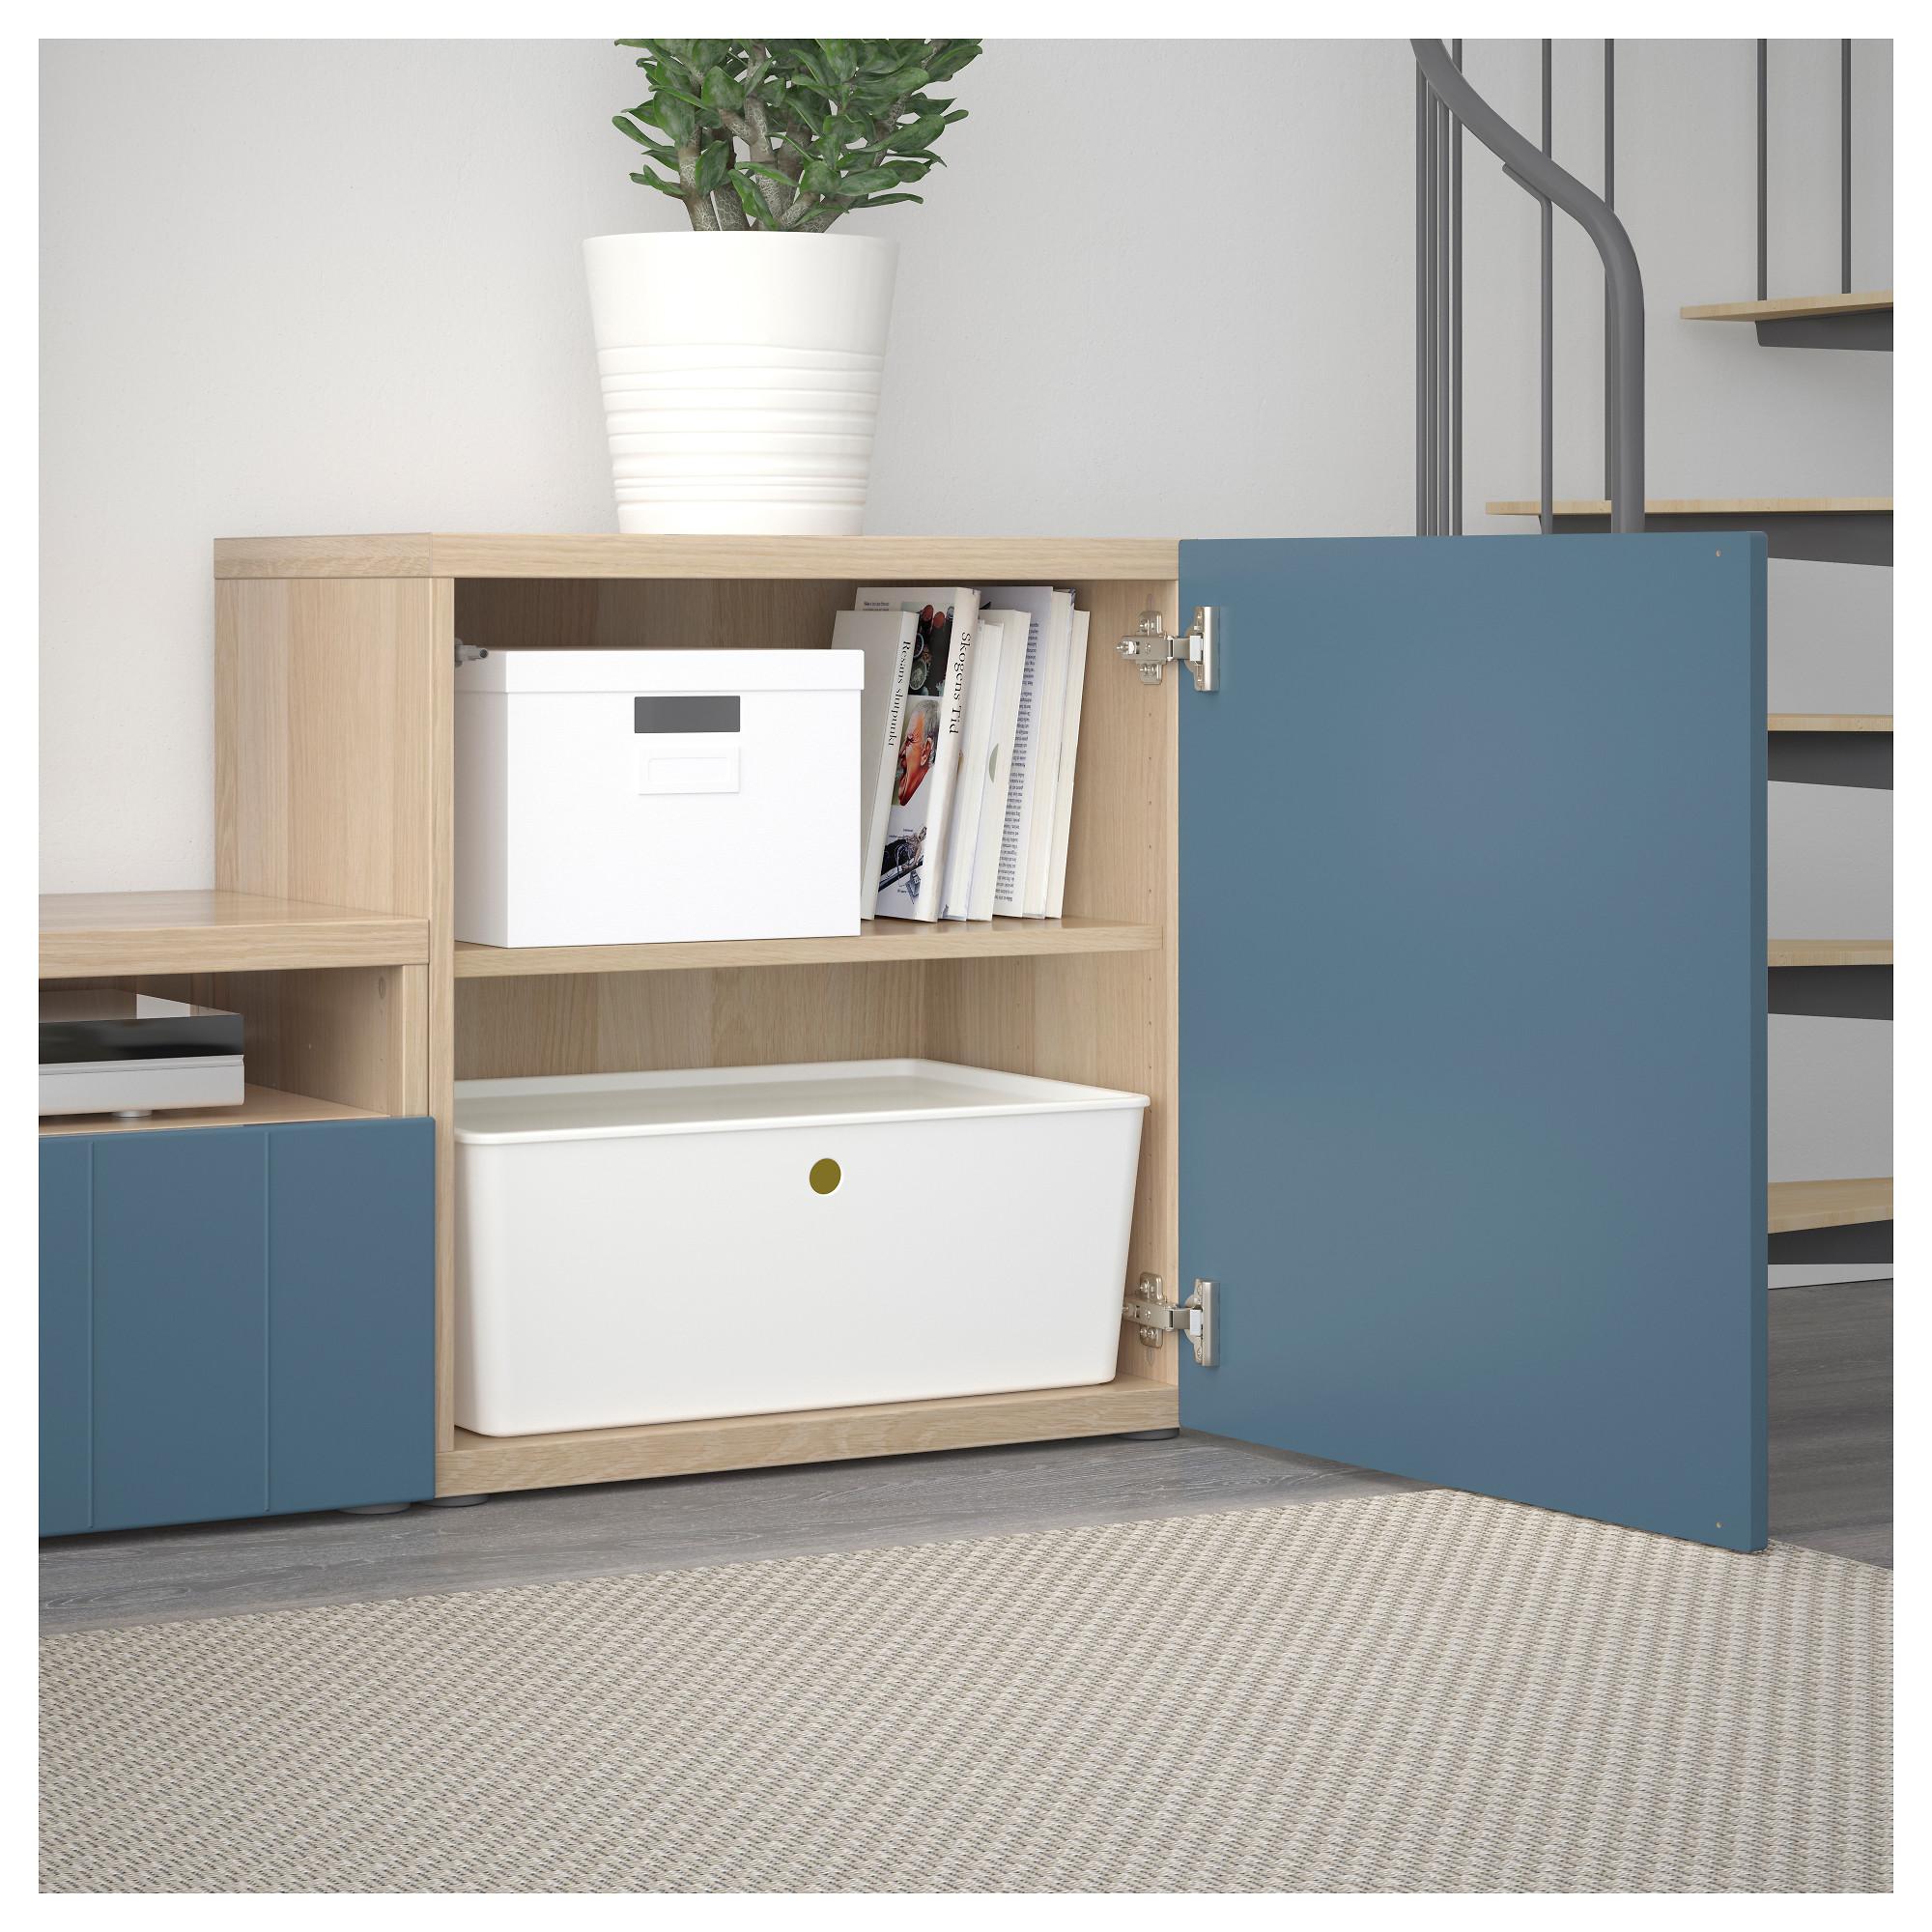 Шкаф для ТВ, комбинированный, стекляные дверцы БЕСТО темно-синий артикуль № 292.761.35 в наличии. Online сайт IKEA Минск. Быстрая доставка и монтаж.